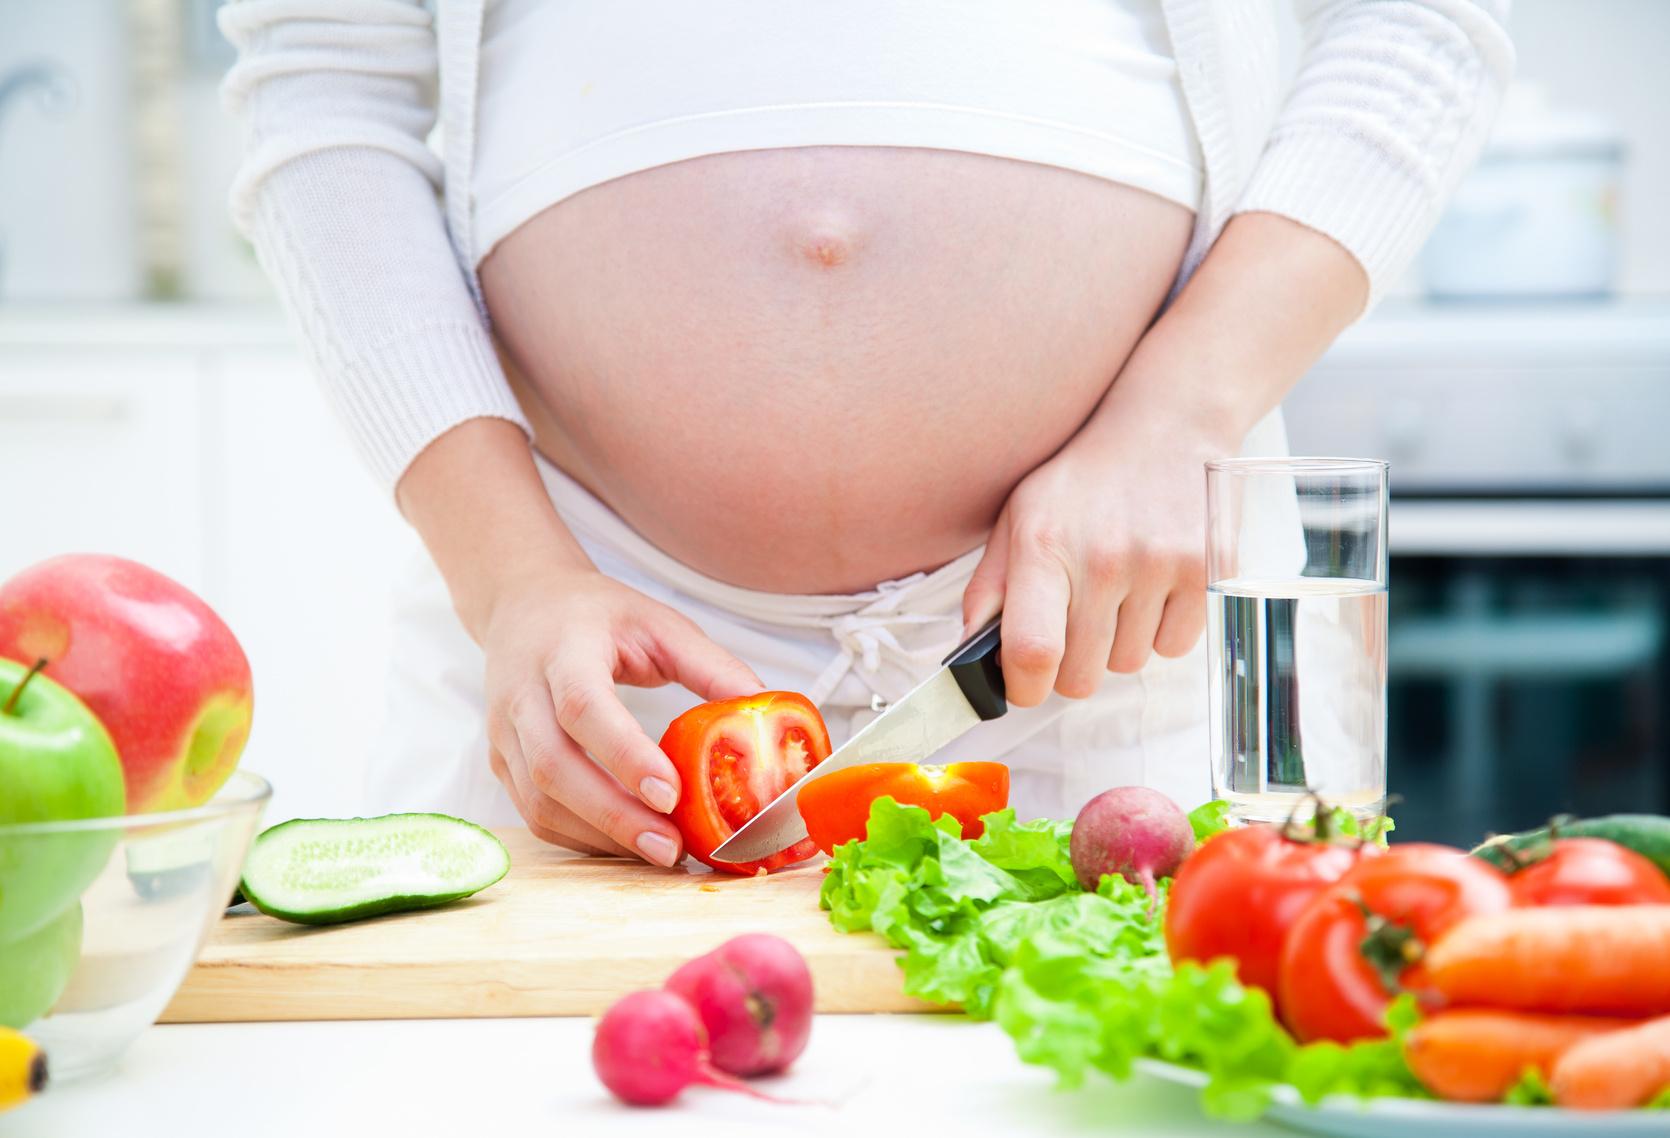 Mẹ bầu cần bổ sung đầy đủ canxi và dinh dưỡng vì thai nhi tuần 16 phát triển rất nhanh